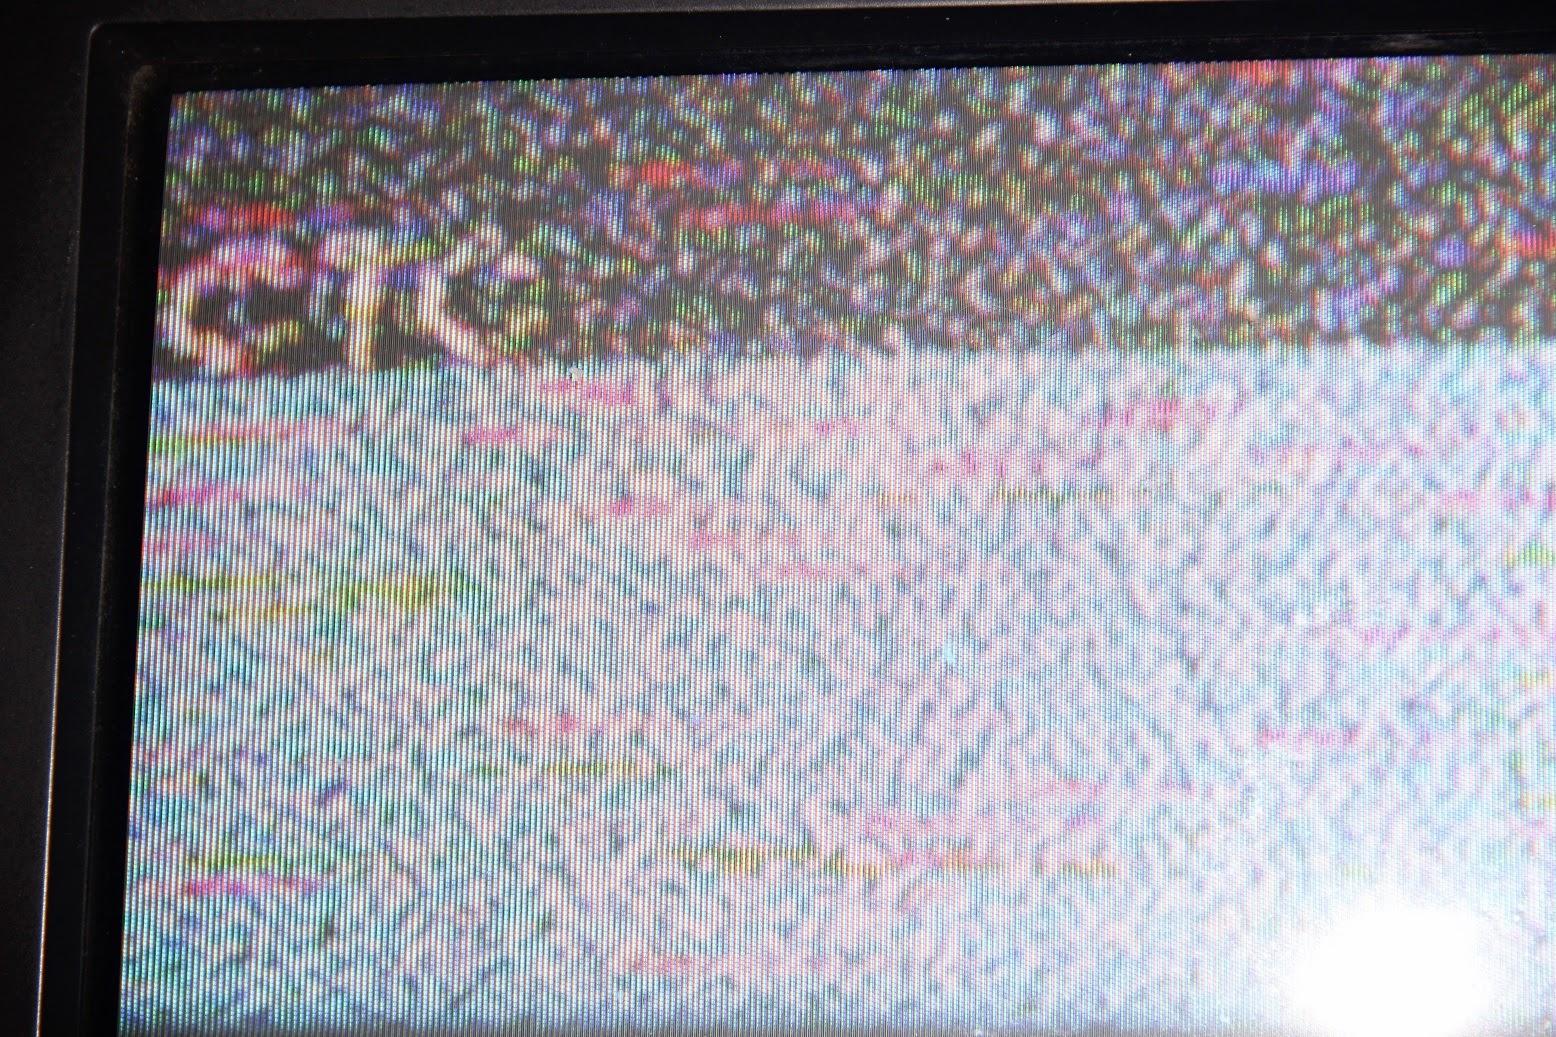 самодельные антенны для телевизора инструкция